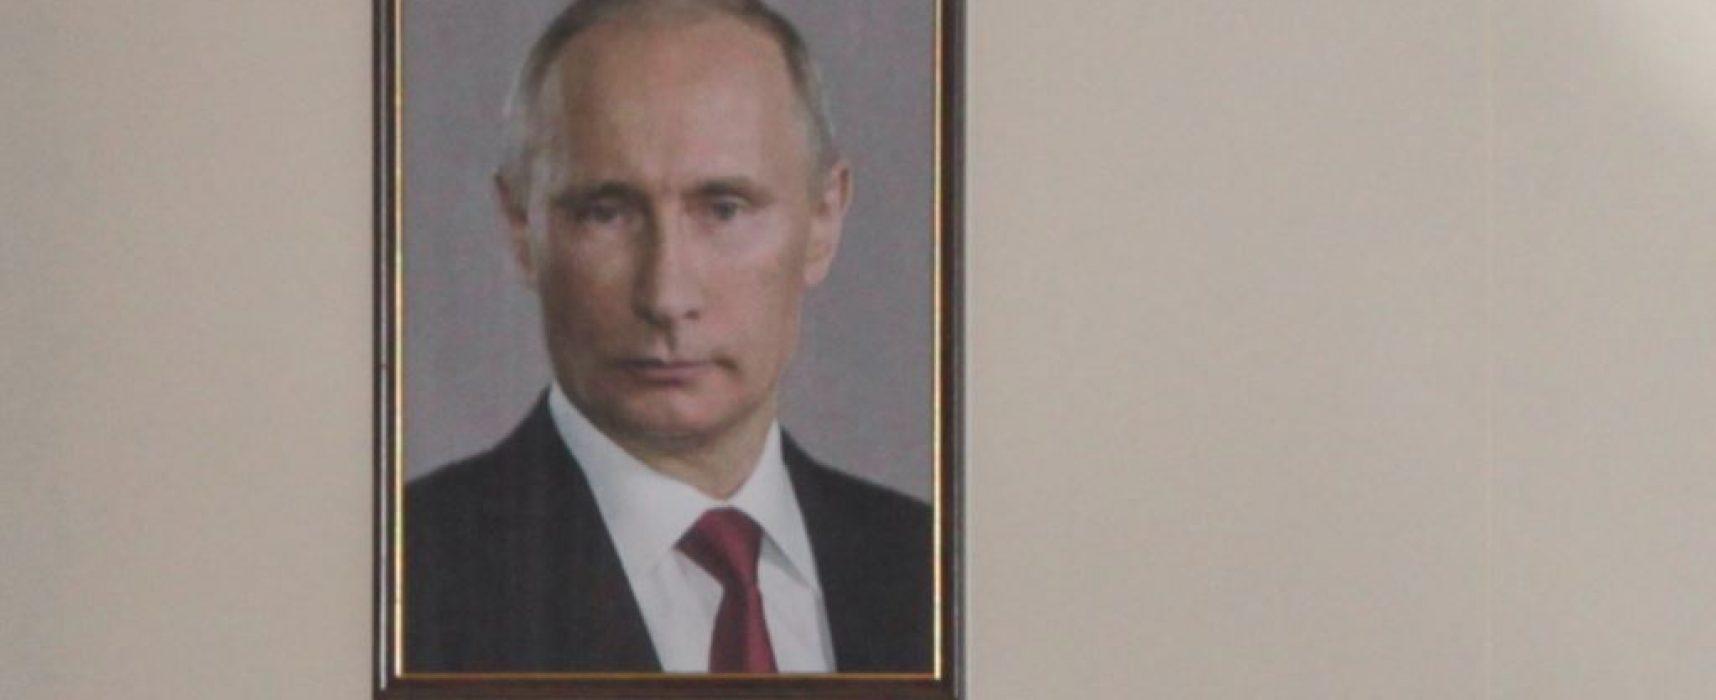 Россия: мэрия Новосибирска потратила почти 5 млн рублей на портреты Путина и фильмы о Крыме